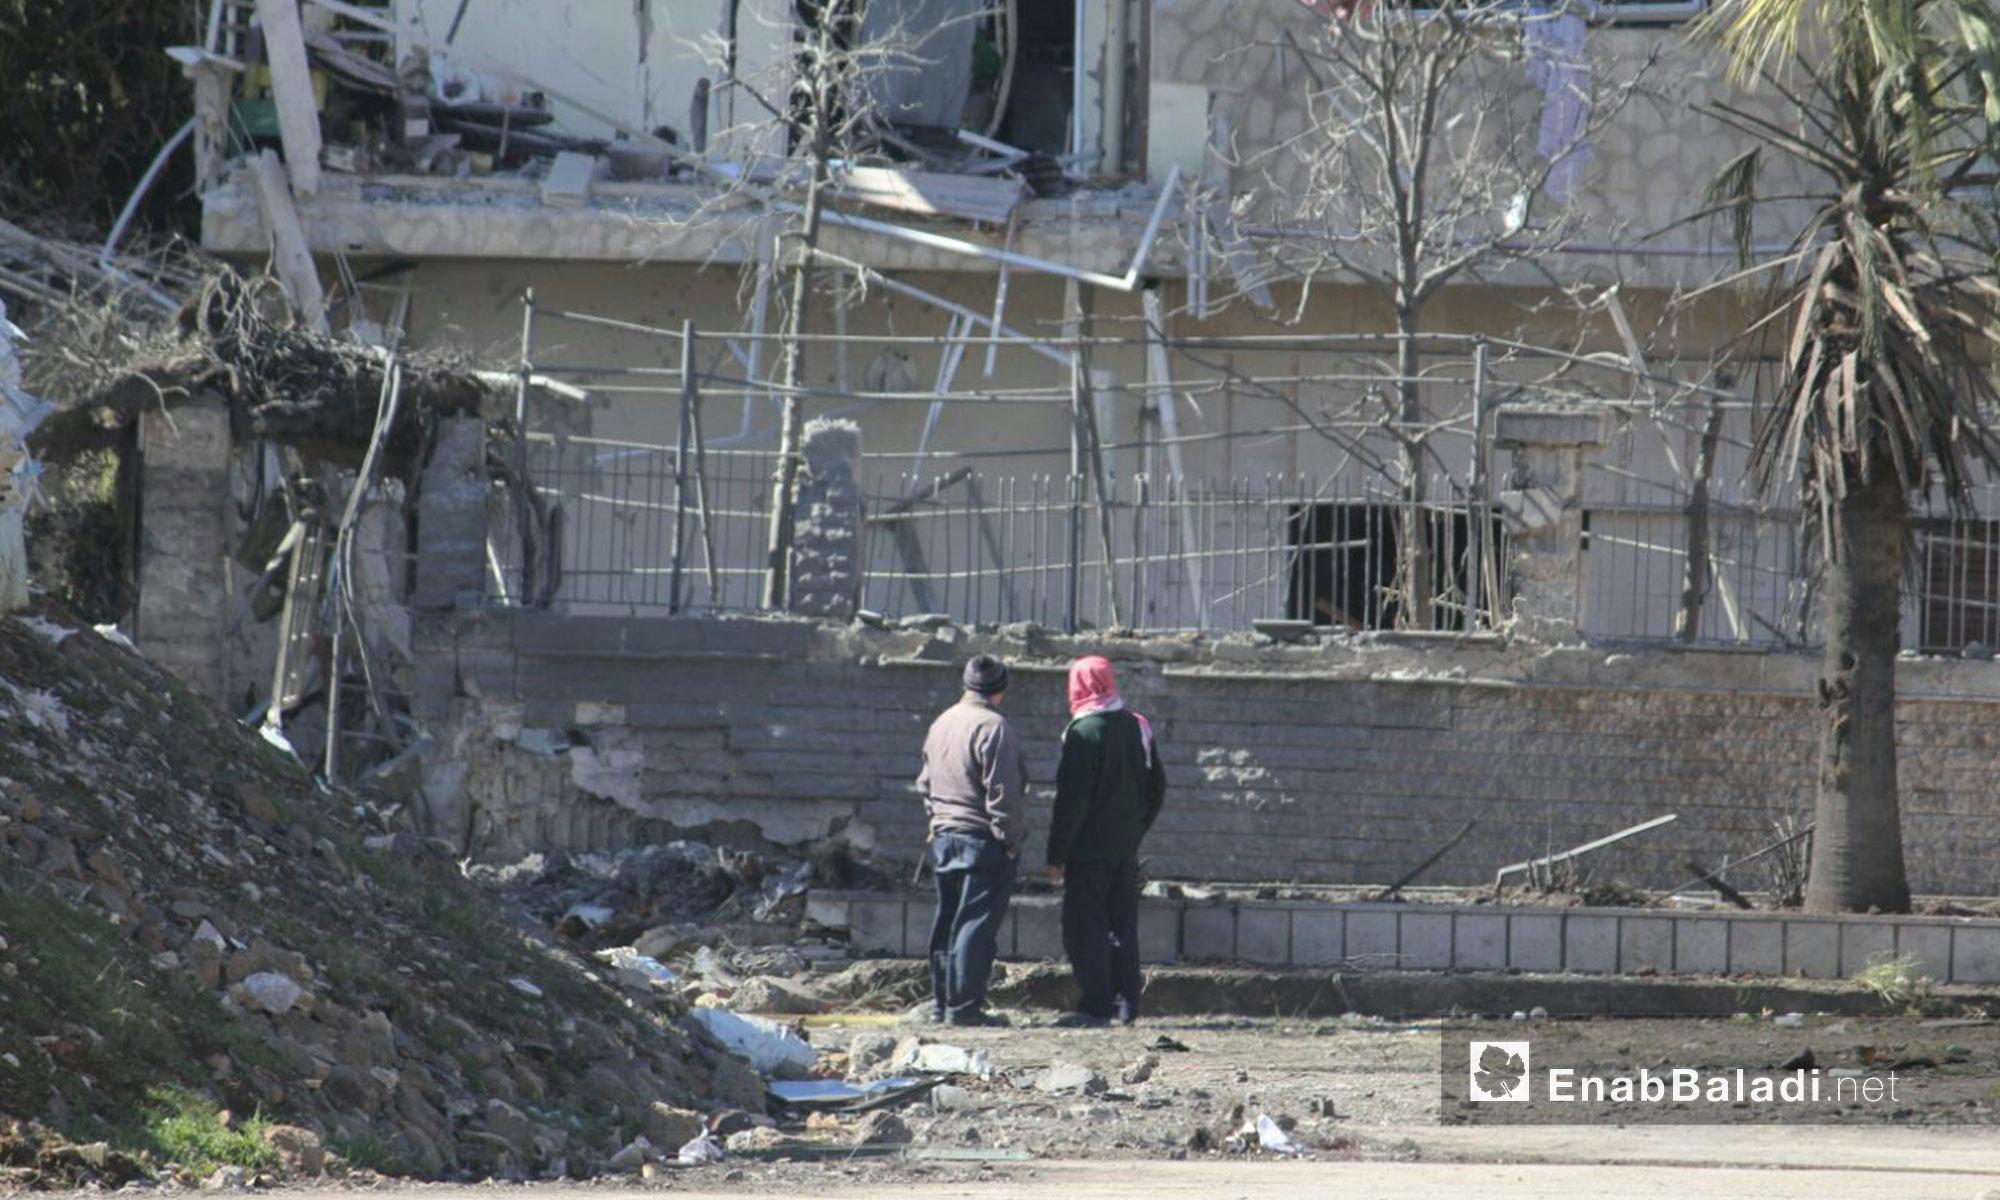 آثار قصف الطيران الحربي علي حي الوعر في حمص - 18 شباط 2017 (عنب بلدي)